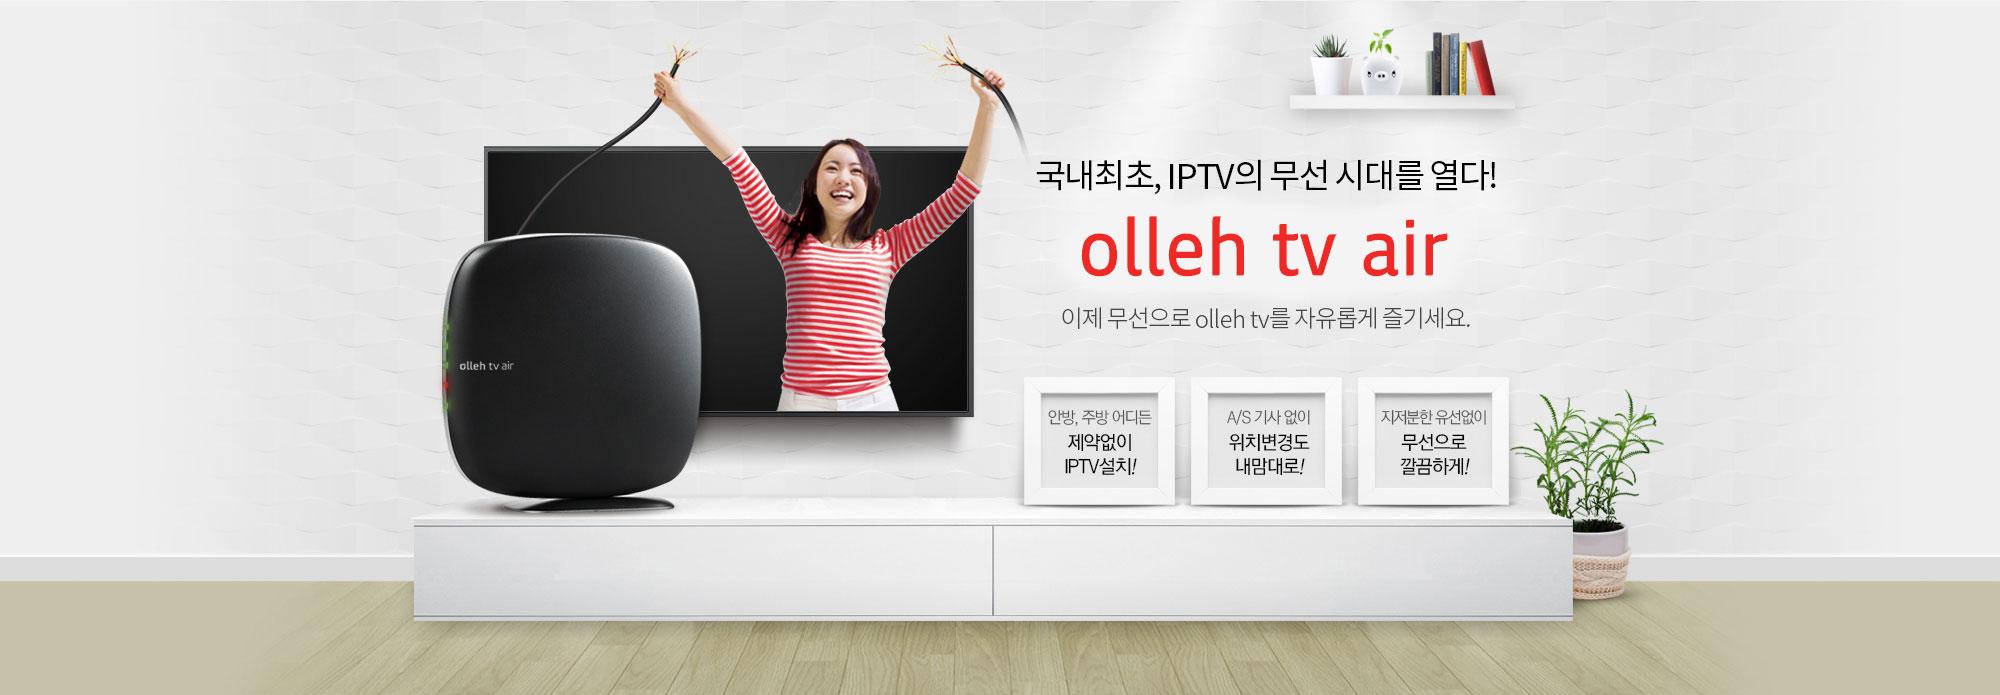 국내최초, IPTV의 무선 시대를 열다! olleh tv air